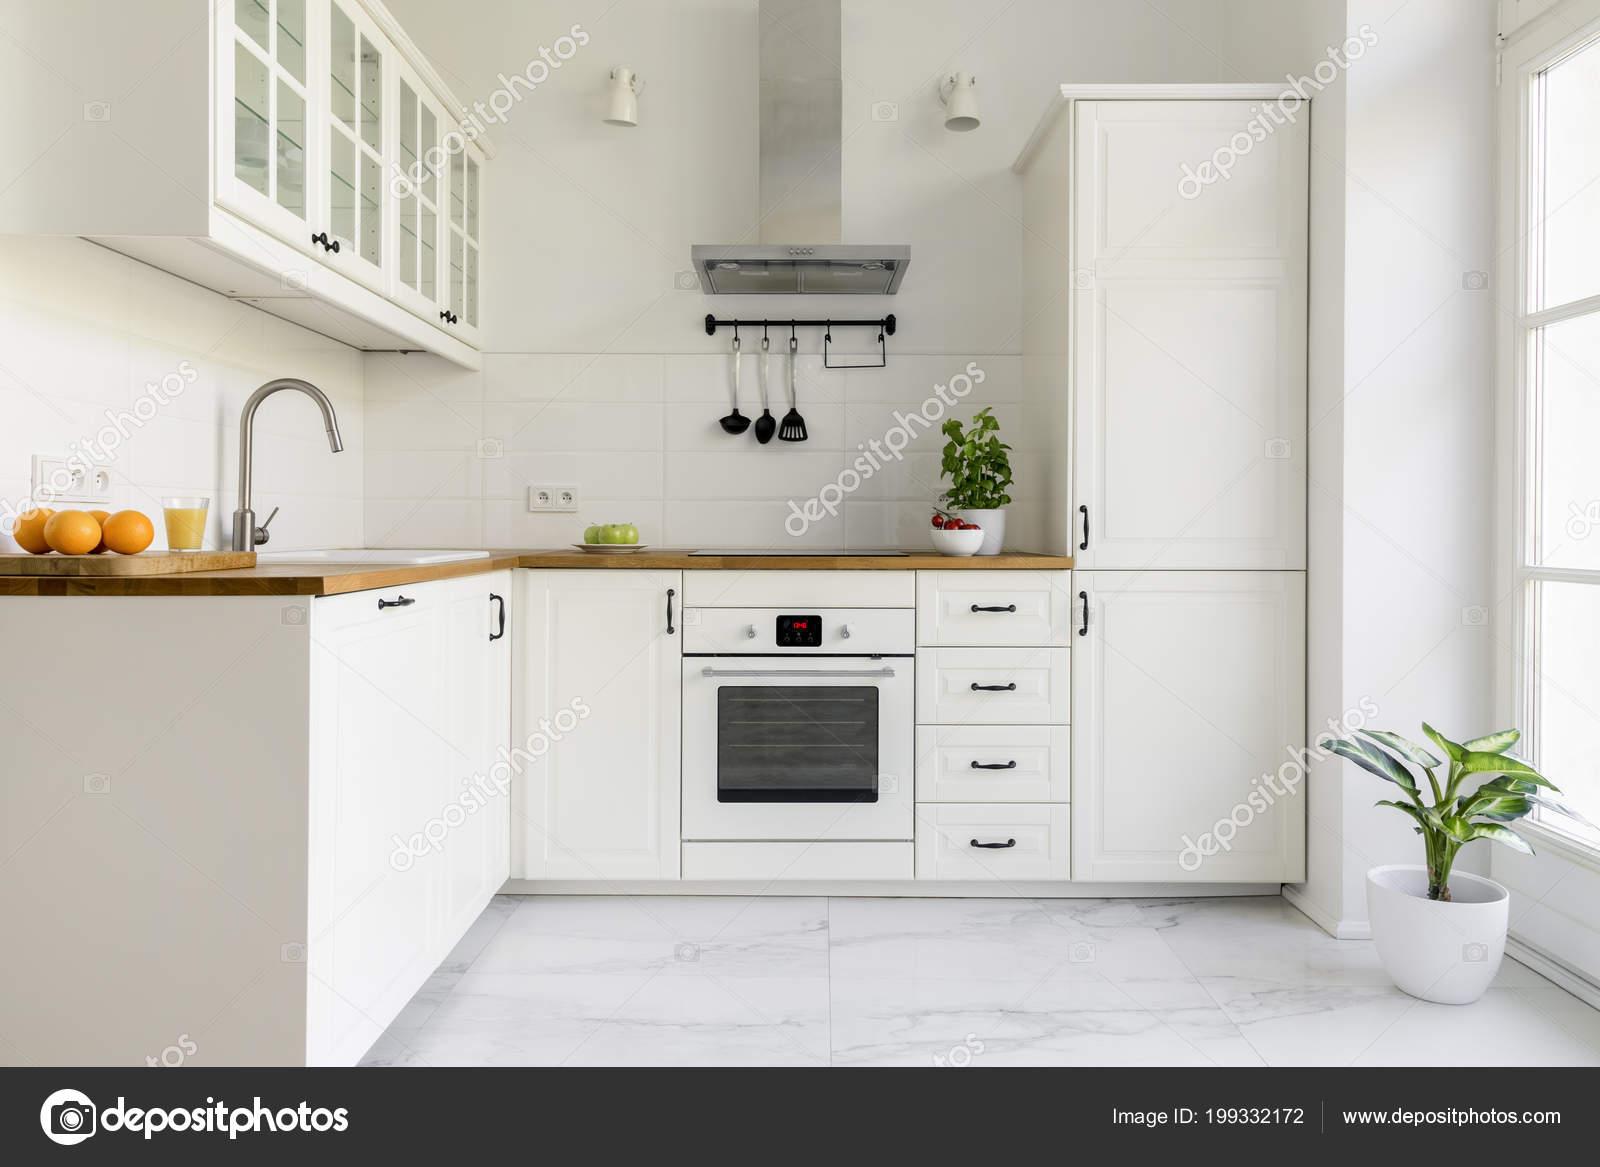 Cocinas con encimera de madera beautiful encimera madera - Encimeras madera cocina ...